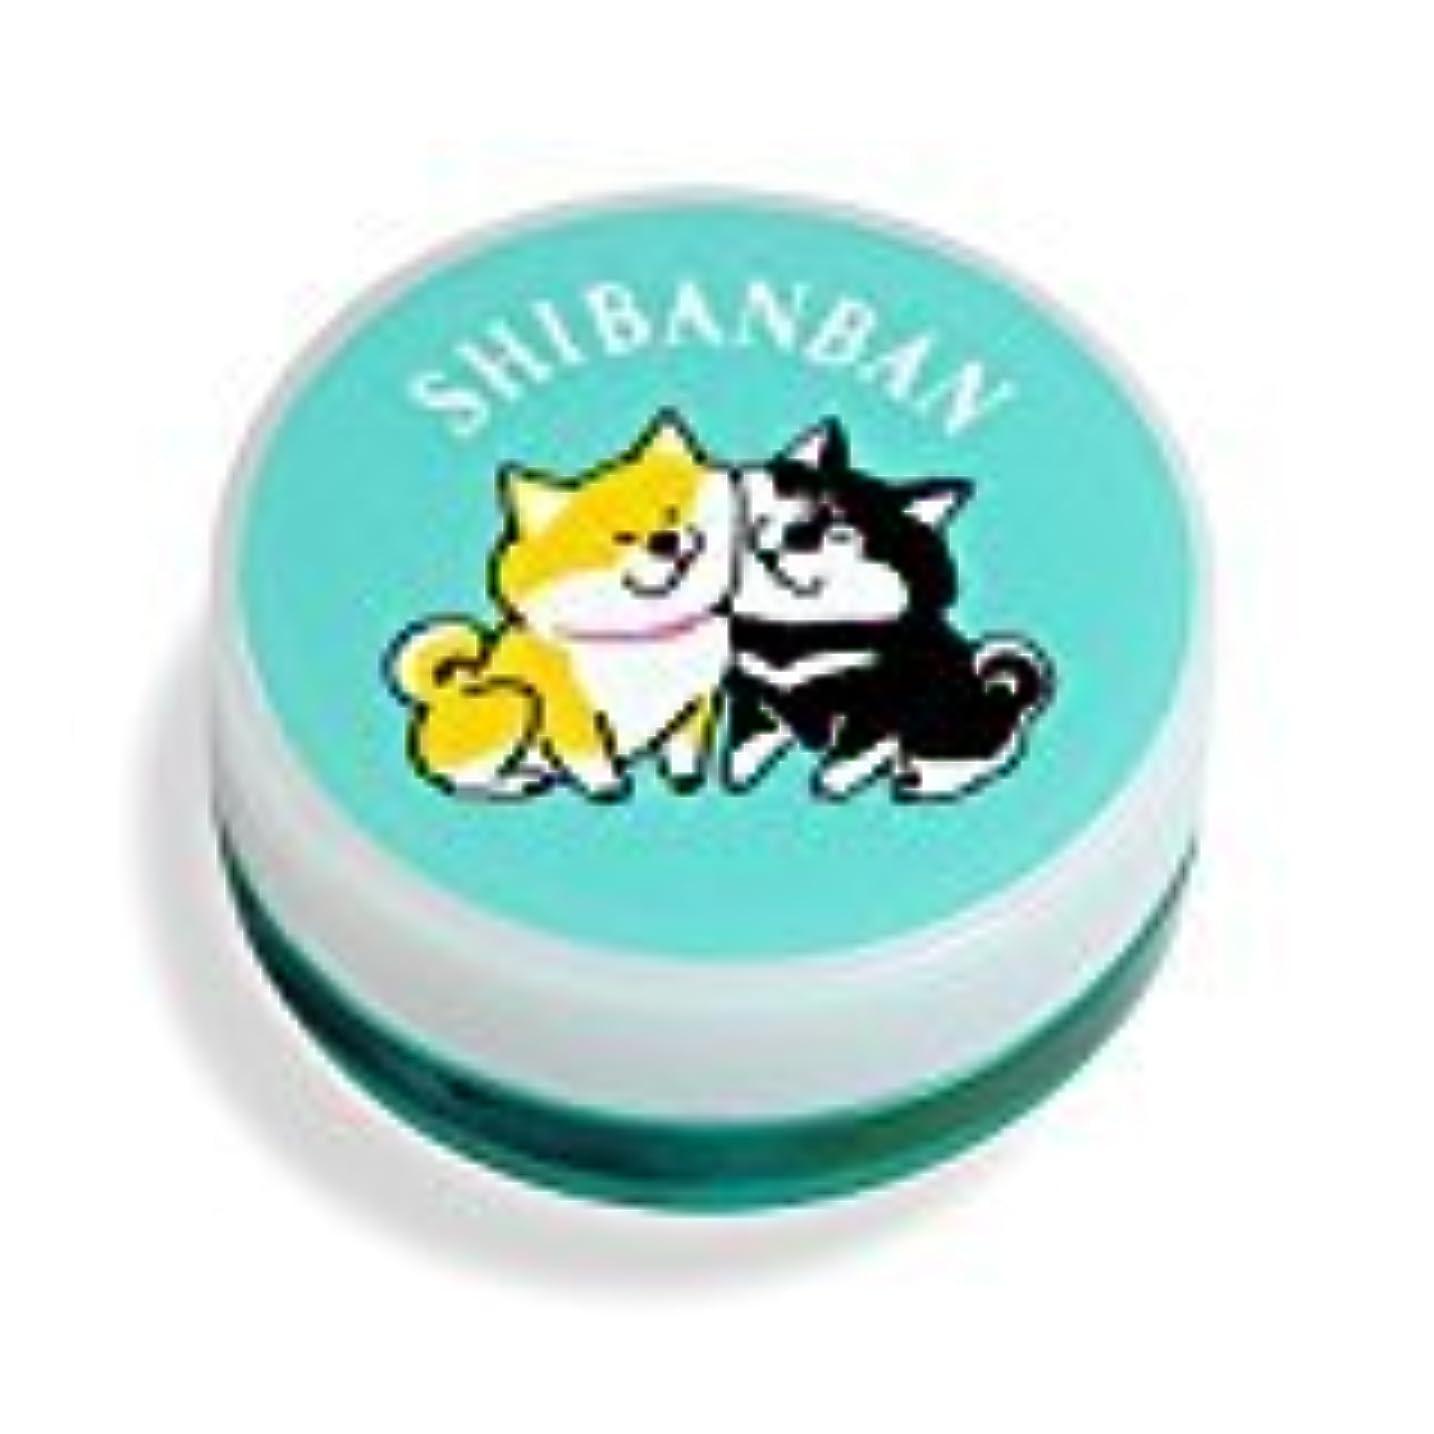 自慢解決無限フルプルコロン しばんばん すりすり フルーティーフローラルの香り 10g